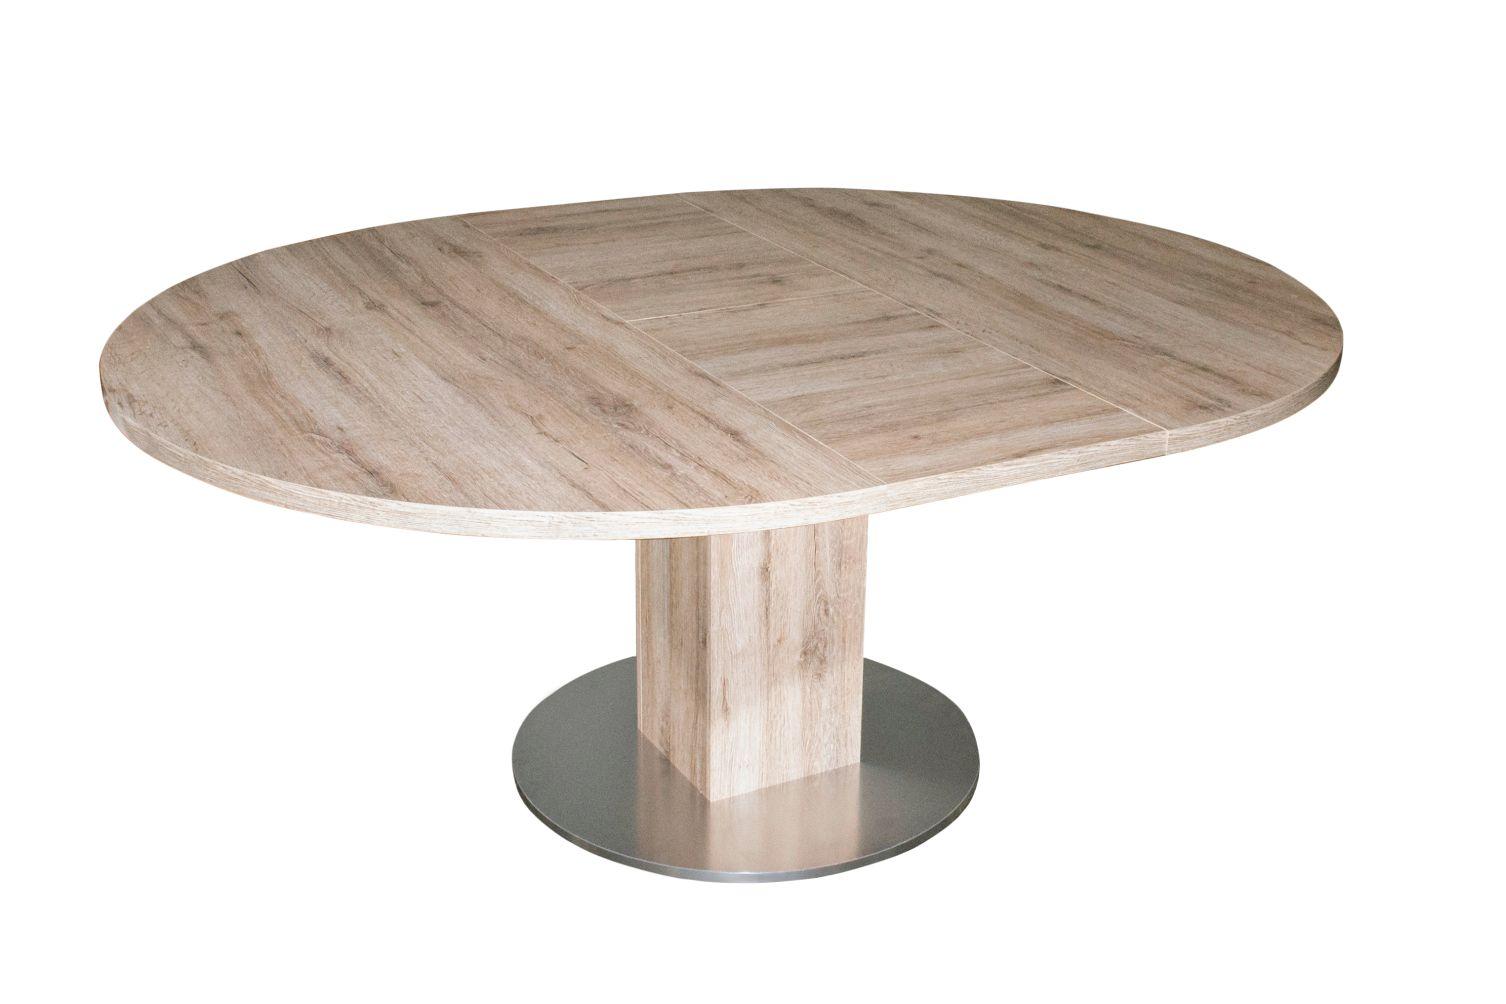 tisch rund k chentisch esstisch tische ausziehtisch. Black Bedroom Furniture Sets. Home Design Ideas